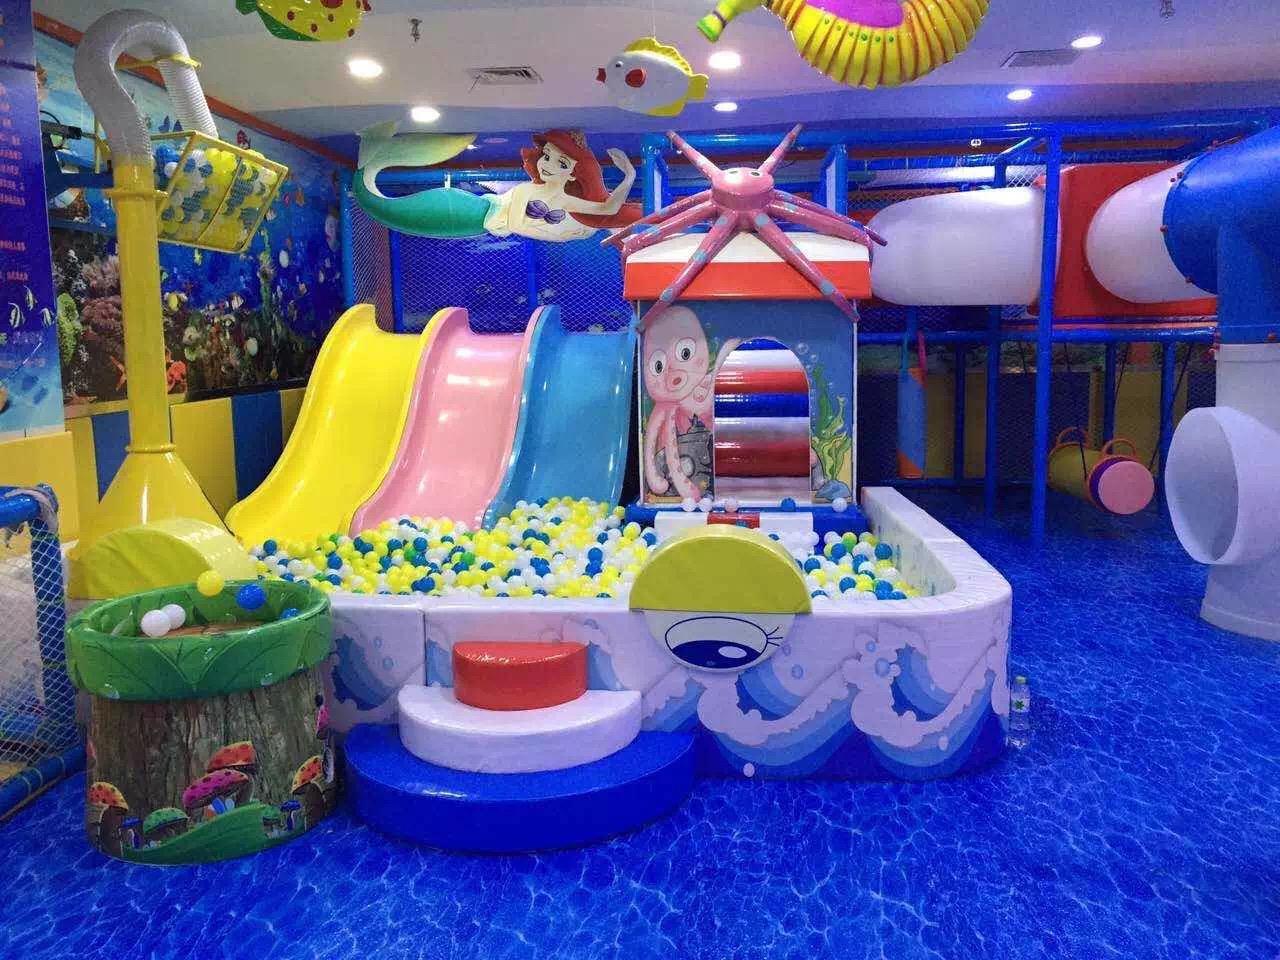 在游乐园中安放什么样的儿童游乐设备能够引起孩子的兴趣